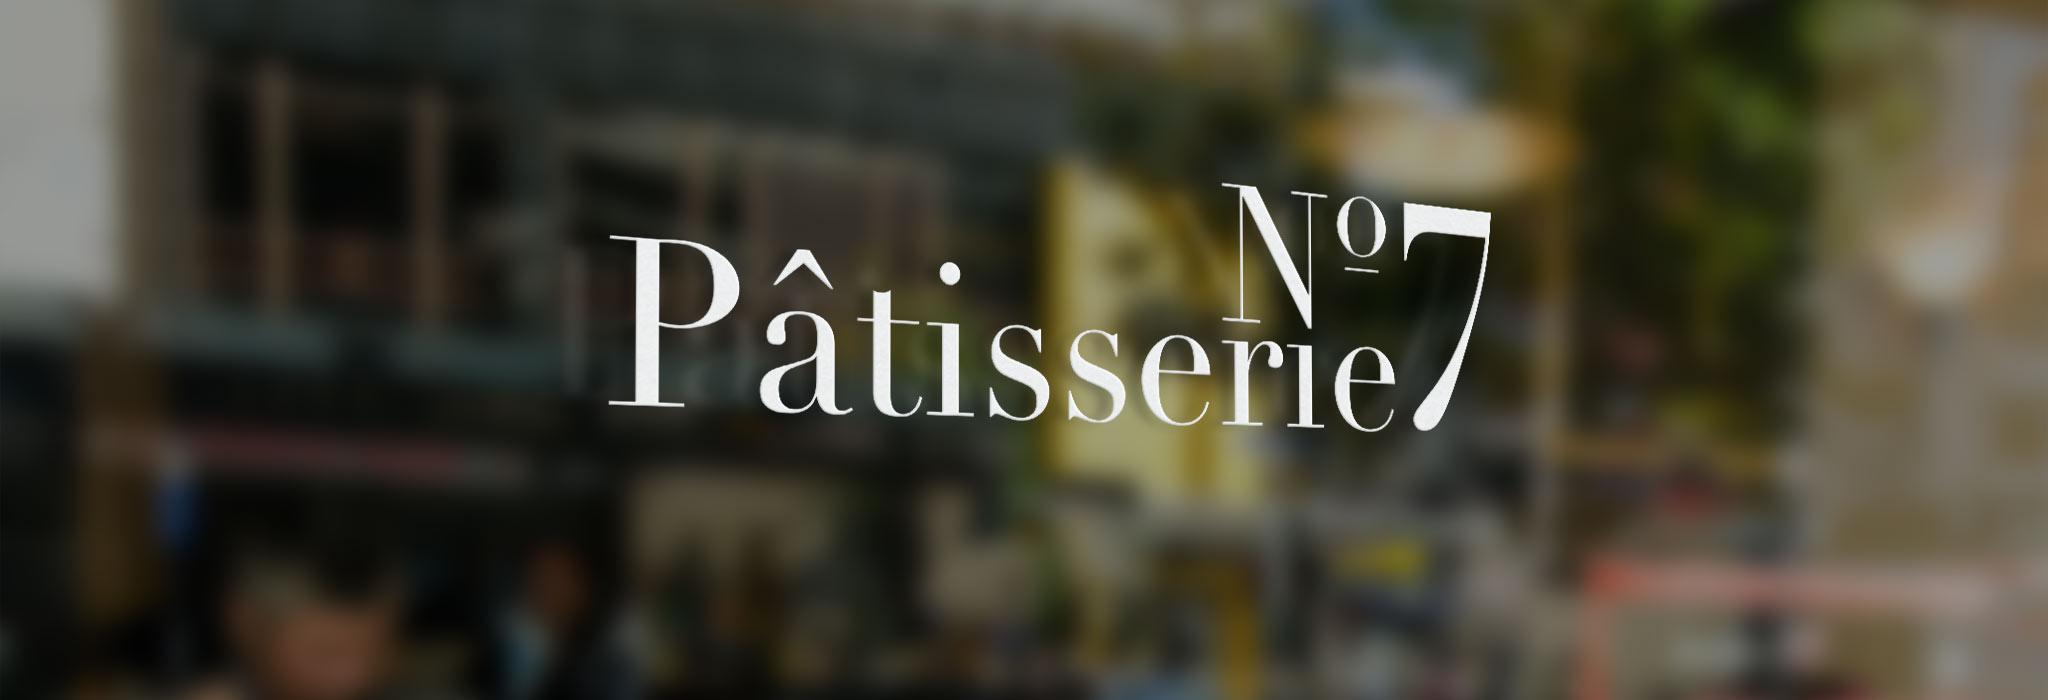 Patisserie07_03.jpg